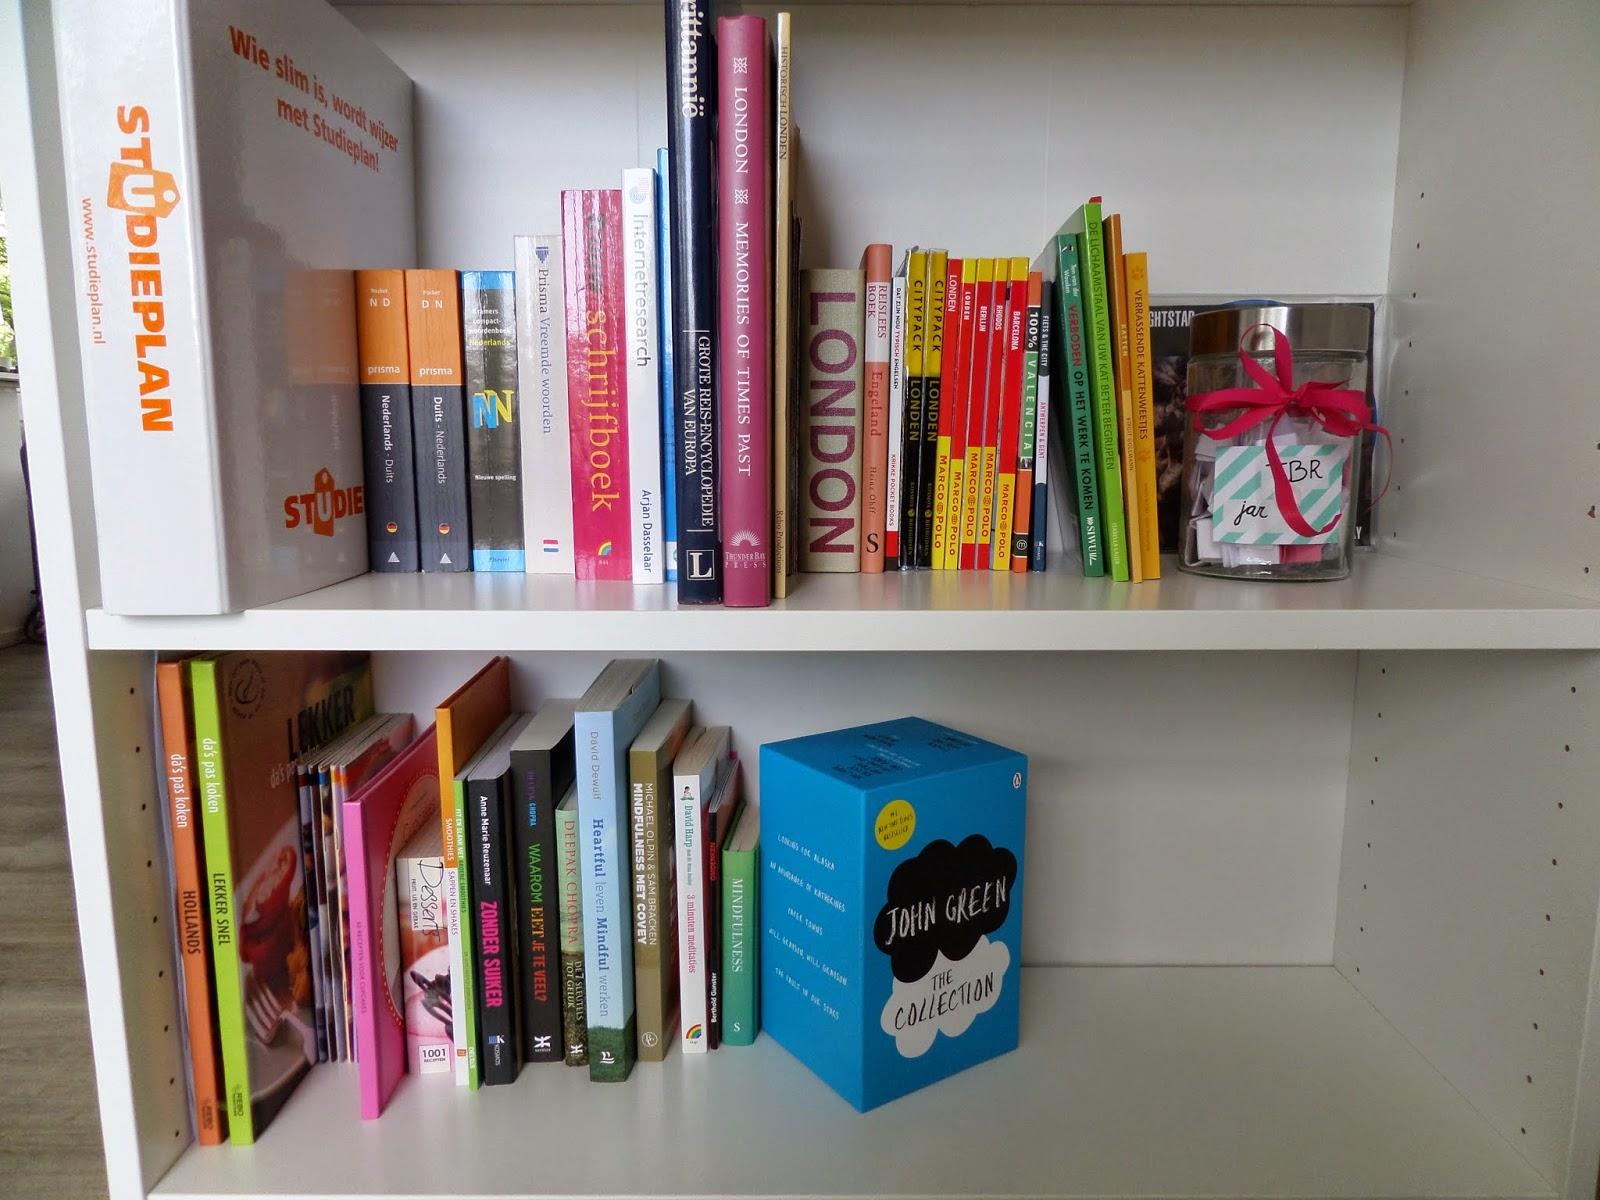 op de plank eronder staan engelse woordenboeken en boeken die met psychologie te maken hebben ook staan er wat grappige boekjes die ik voor verjaardagen